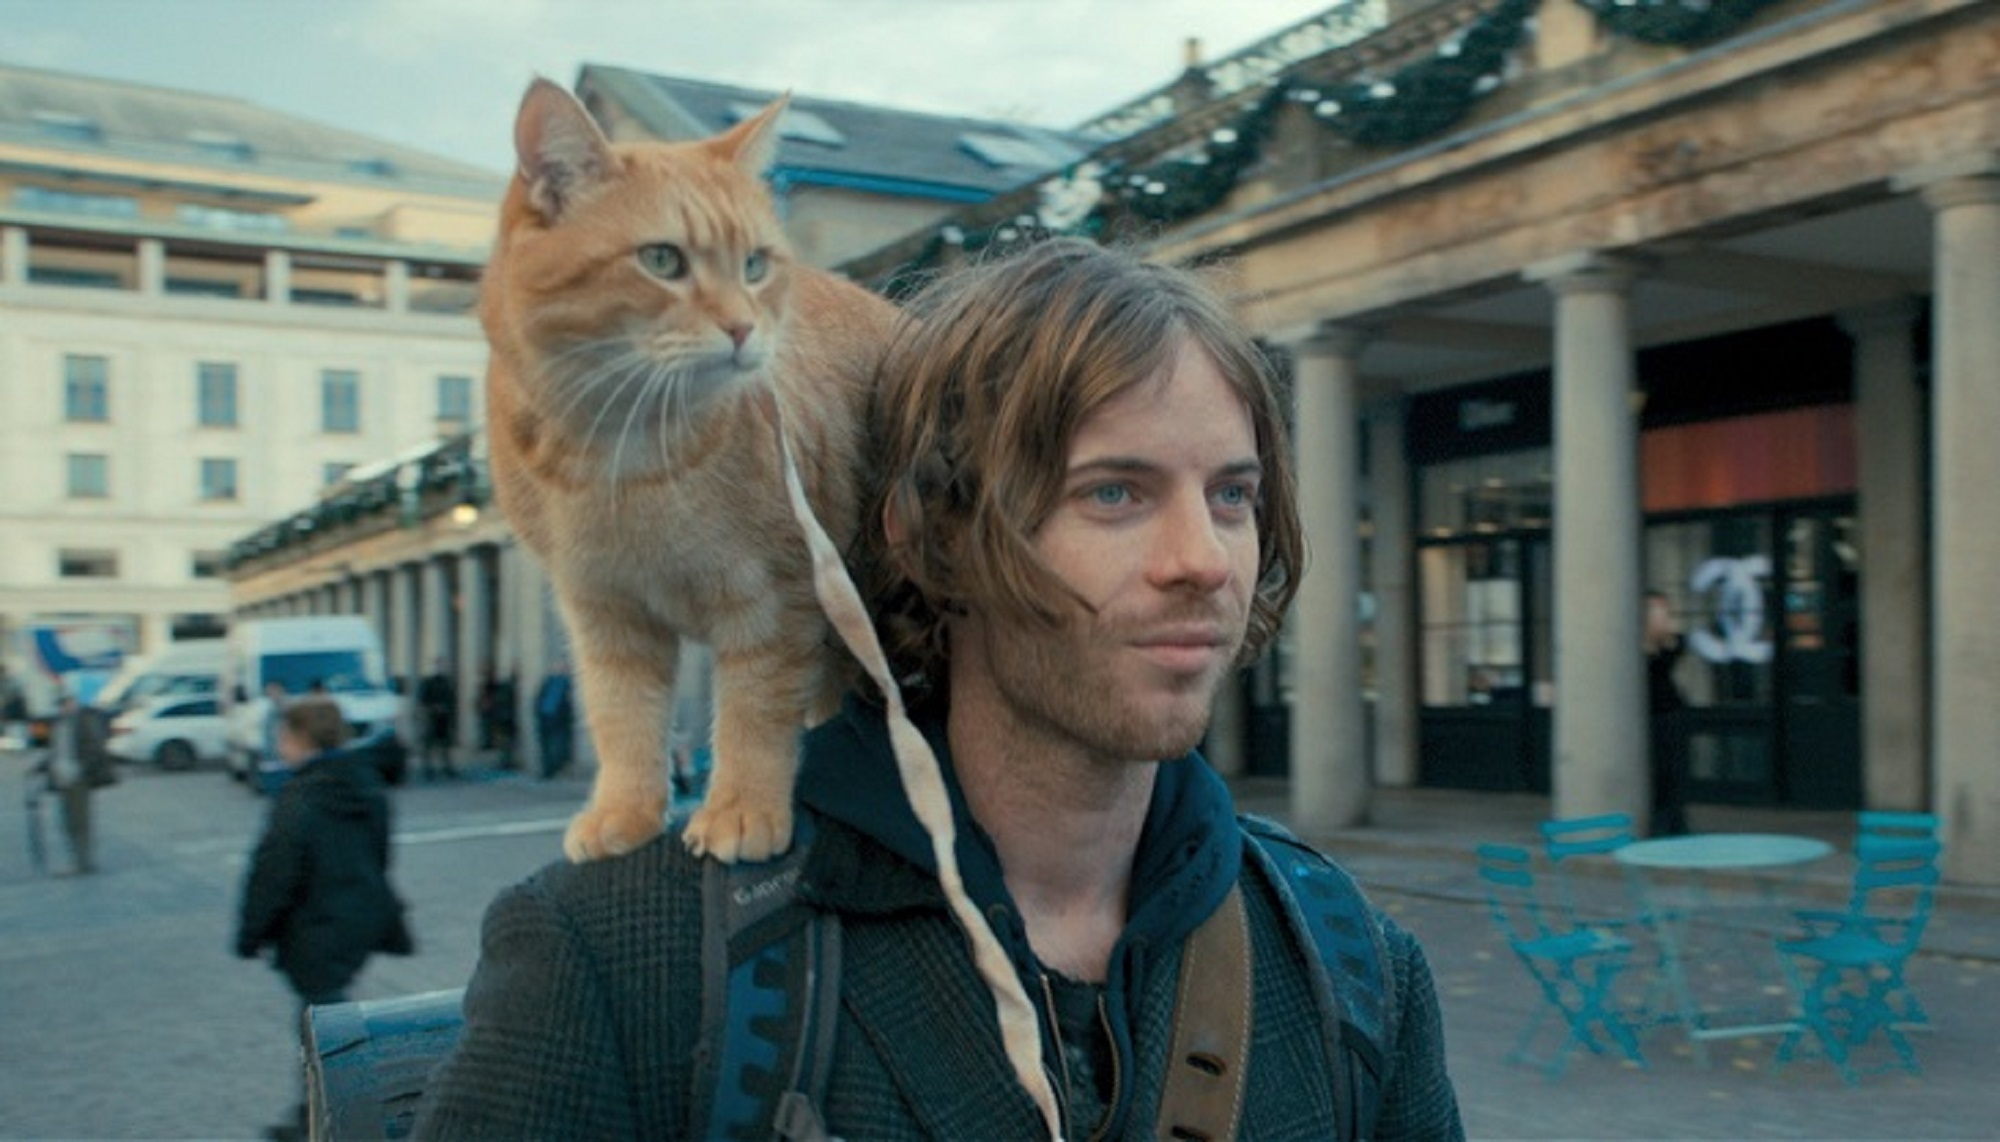 猫ちゃん派もそうじゃない人も必見!映画「ボブという名の猫」_1_1